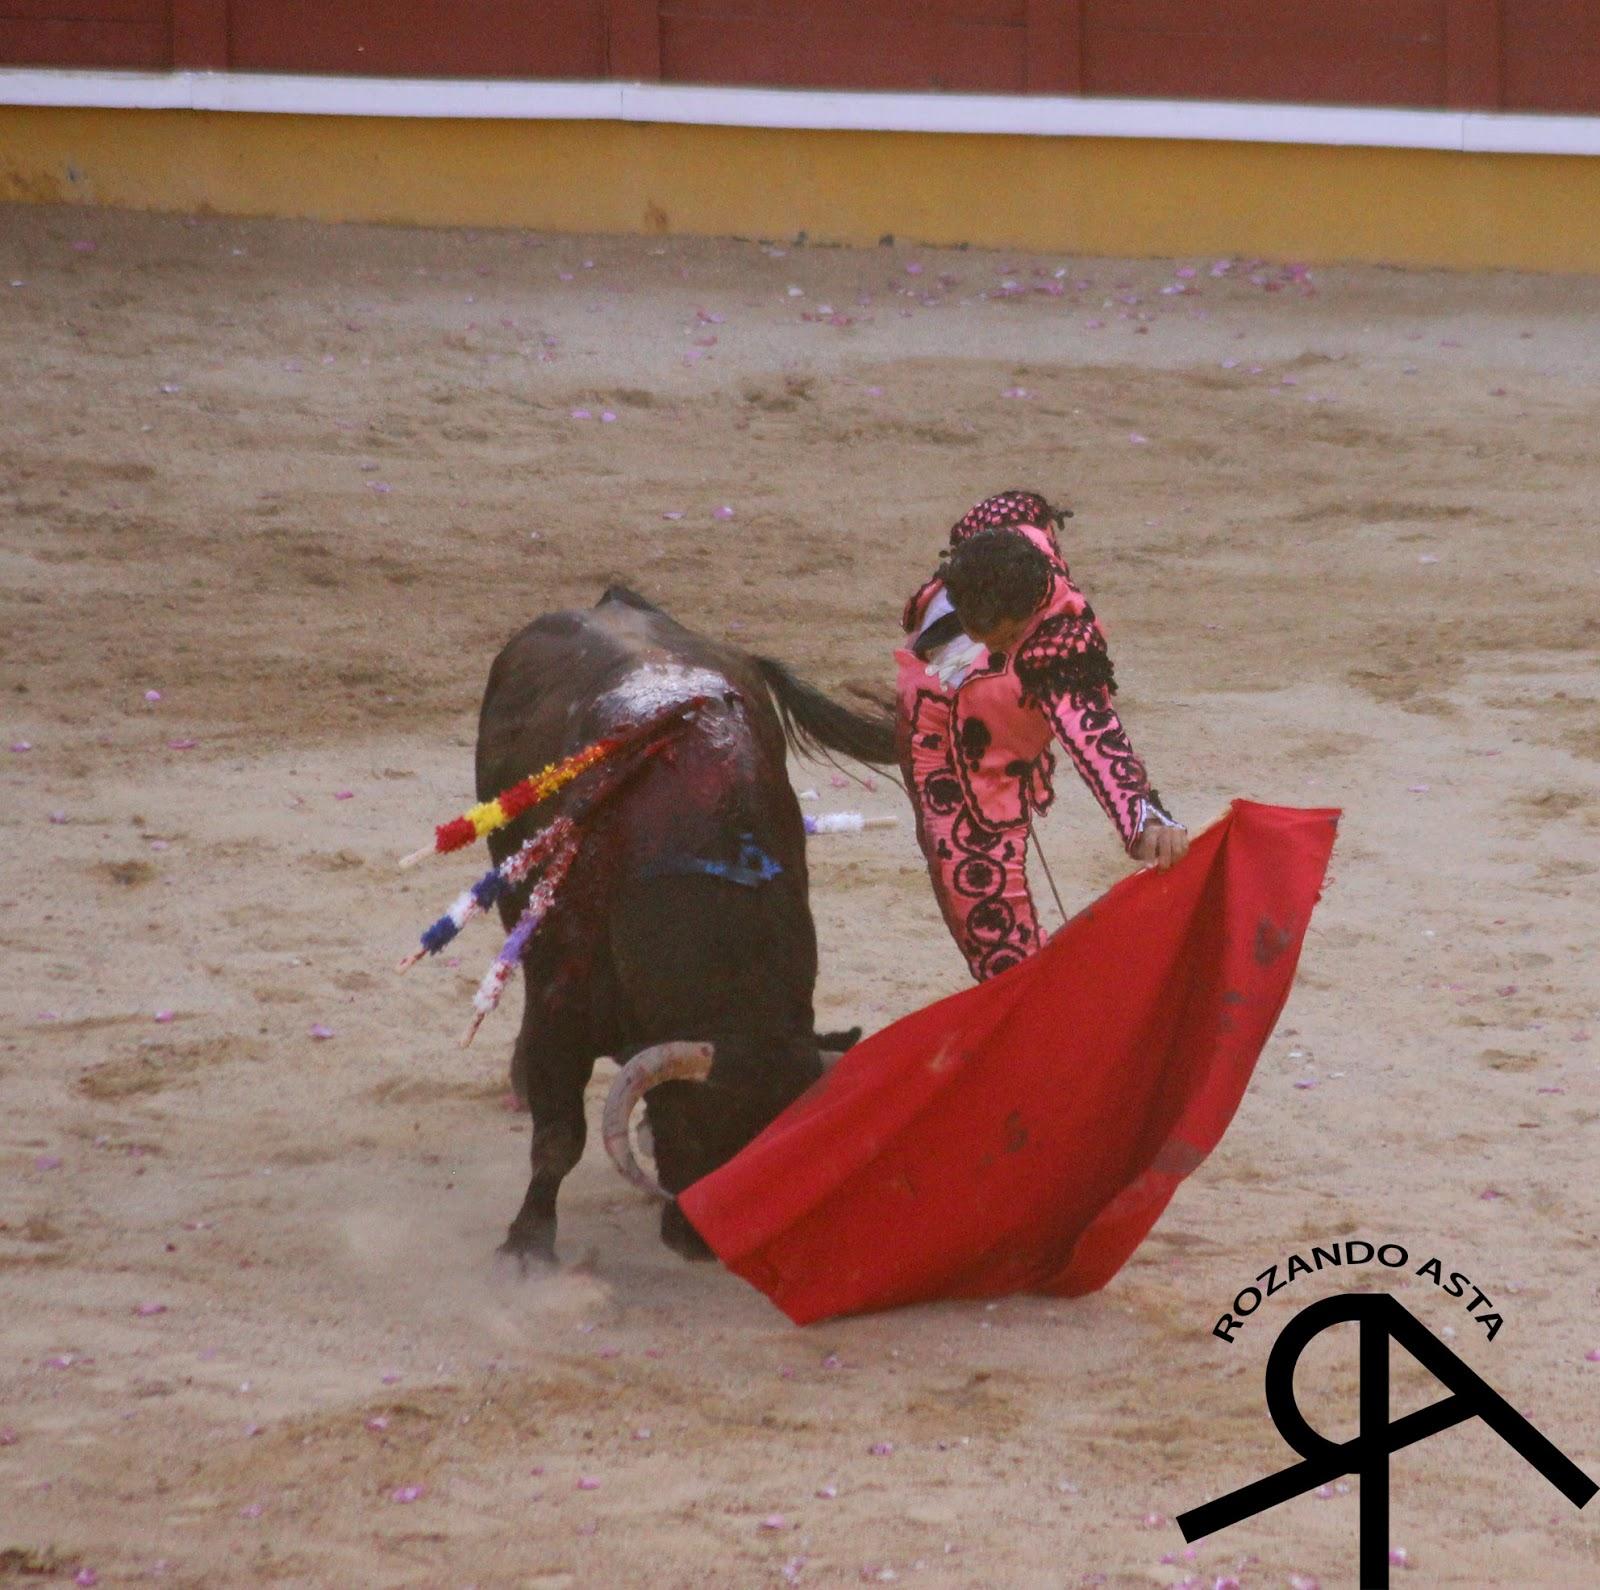 Encierro de guadalajara 2015 - 3 part 6